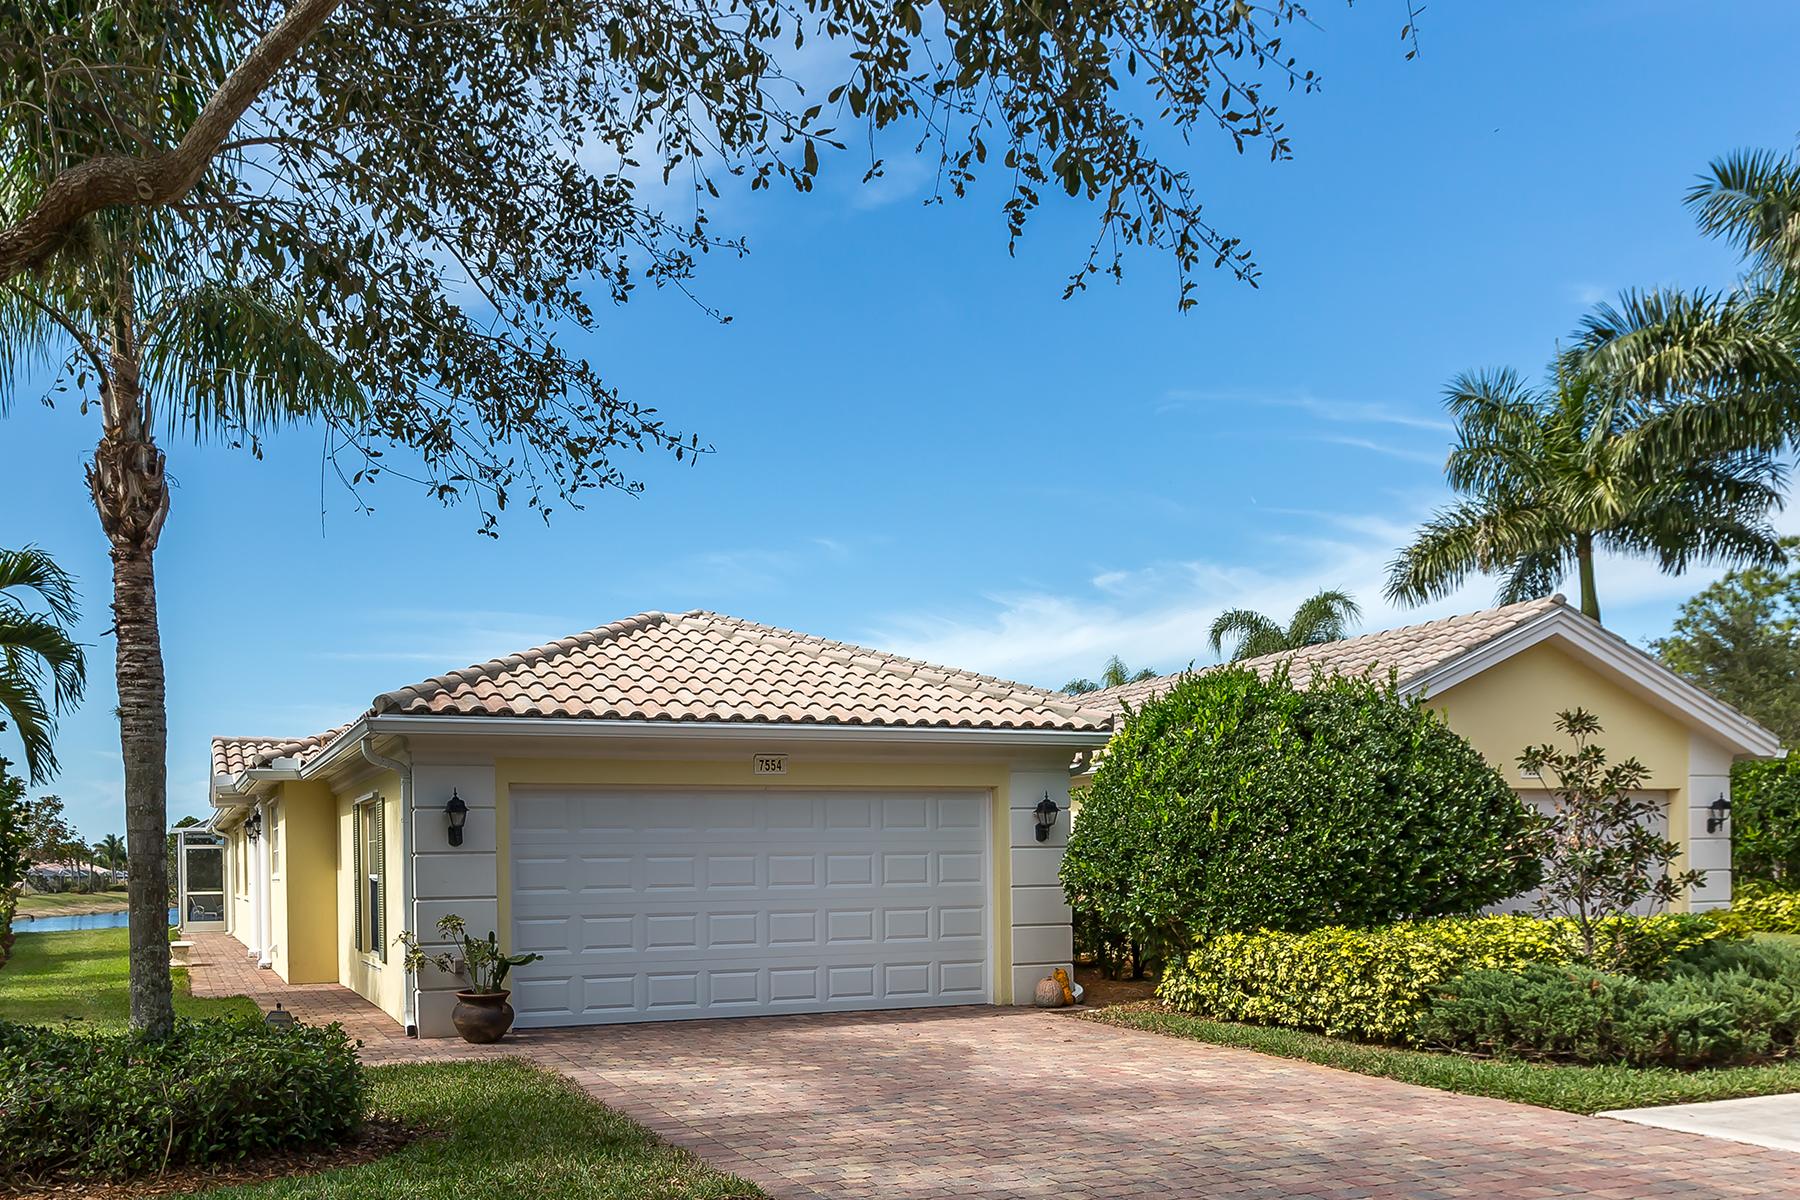 Loft/Duplex pour l Vente à VERONA WALK 7554 Rozzini Ln Naples, Florida, 34114 États-Unis